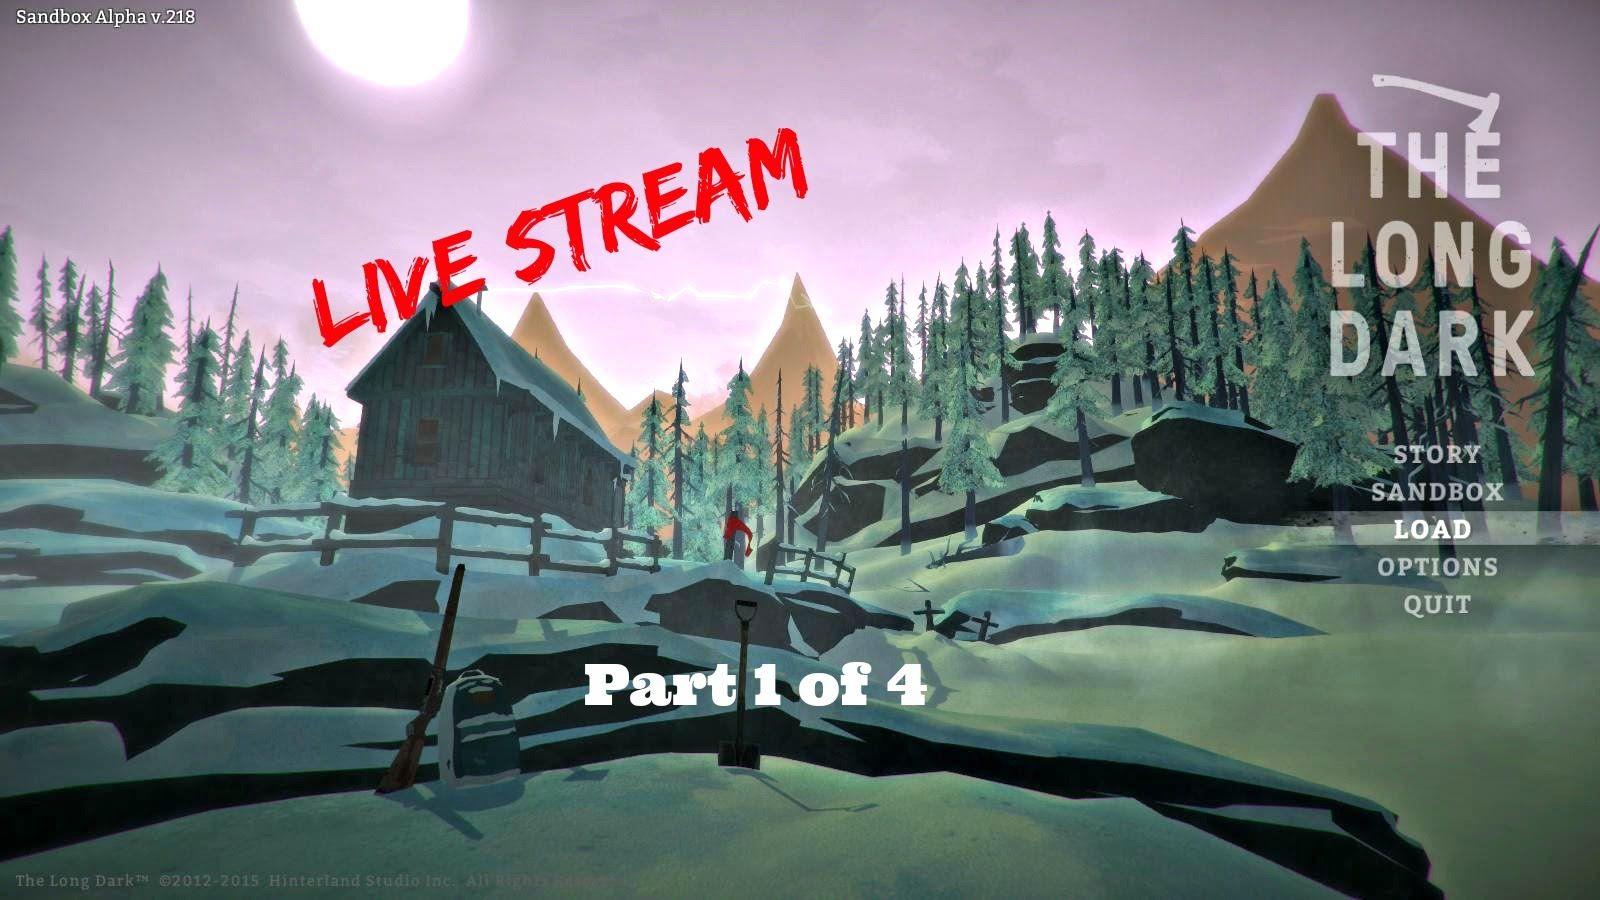 The Long Dark: Live Stream - Fresh Start PT 1 of 4 -Walkthrough